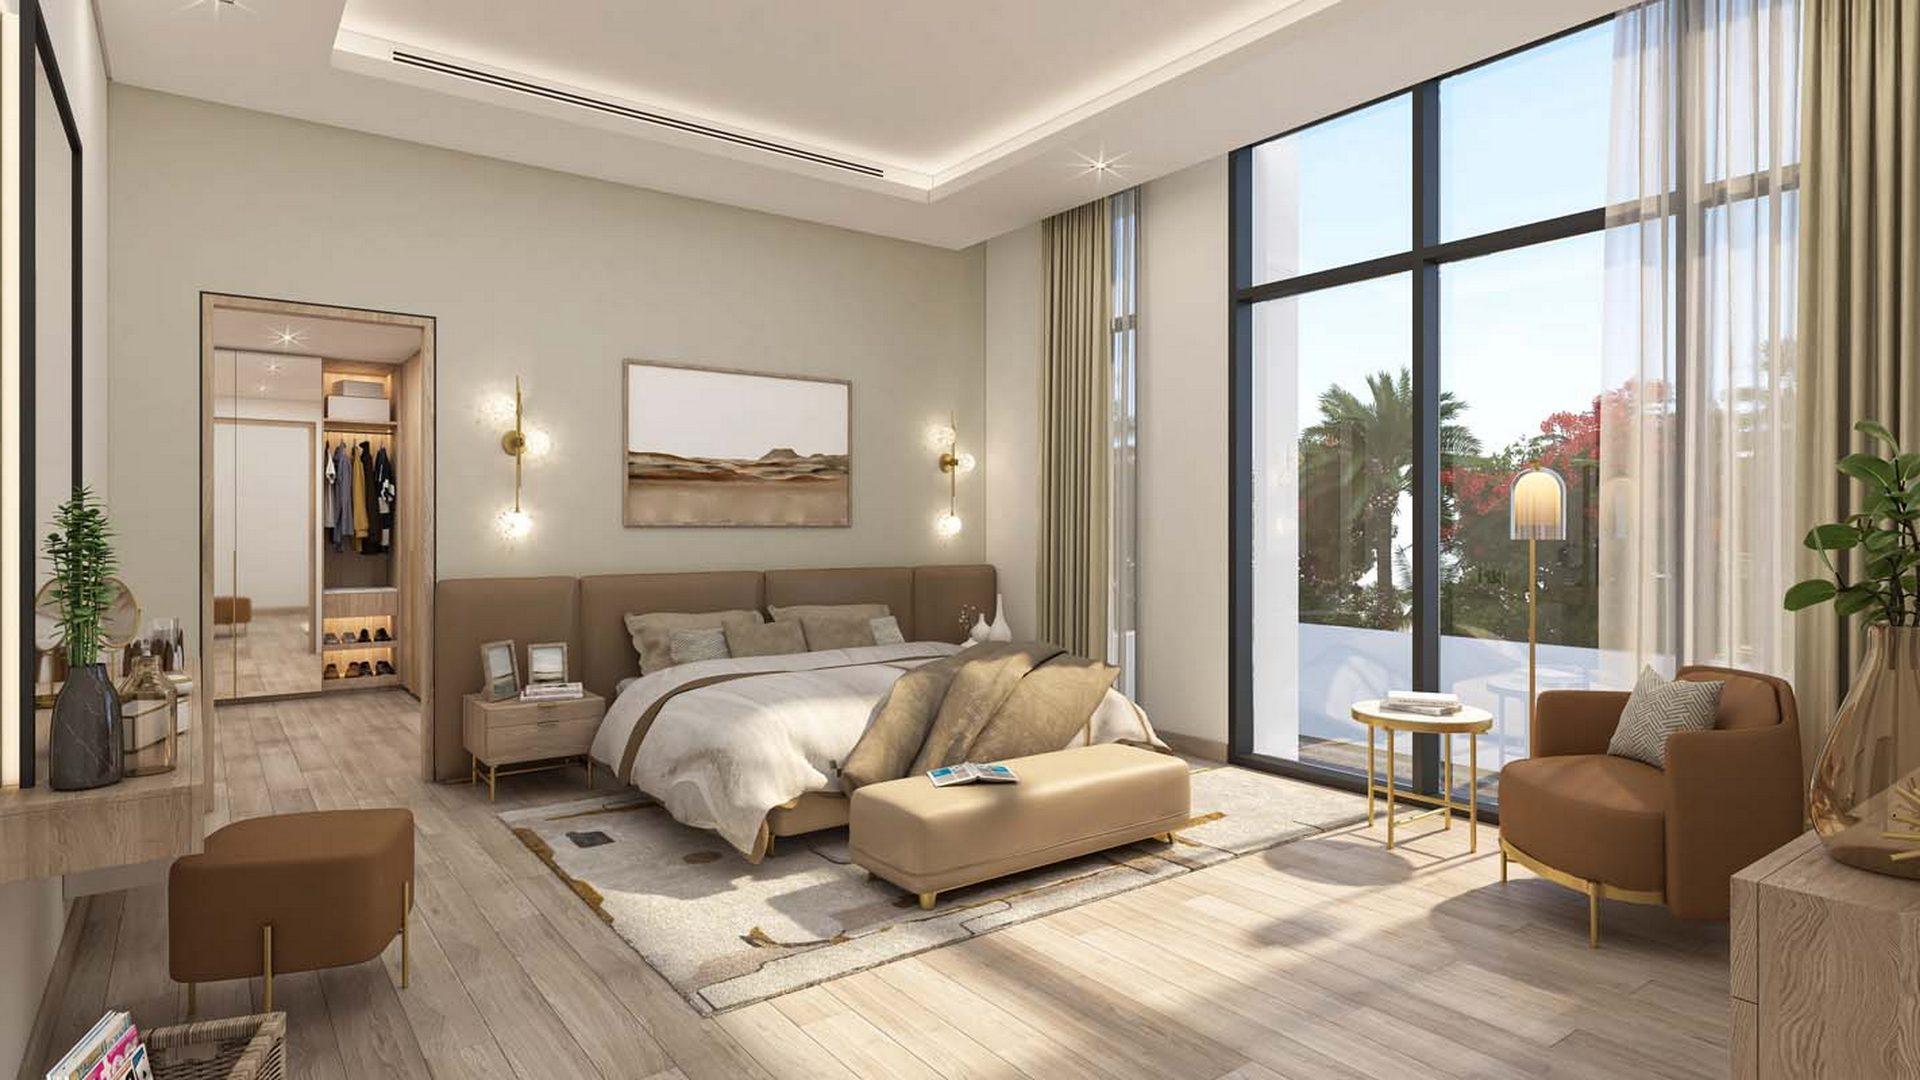 Adosado en venta en Dubai, EAU, 4 dormitorios, 457 m2, № 24532 – foto 5